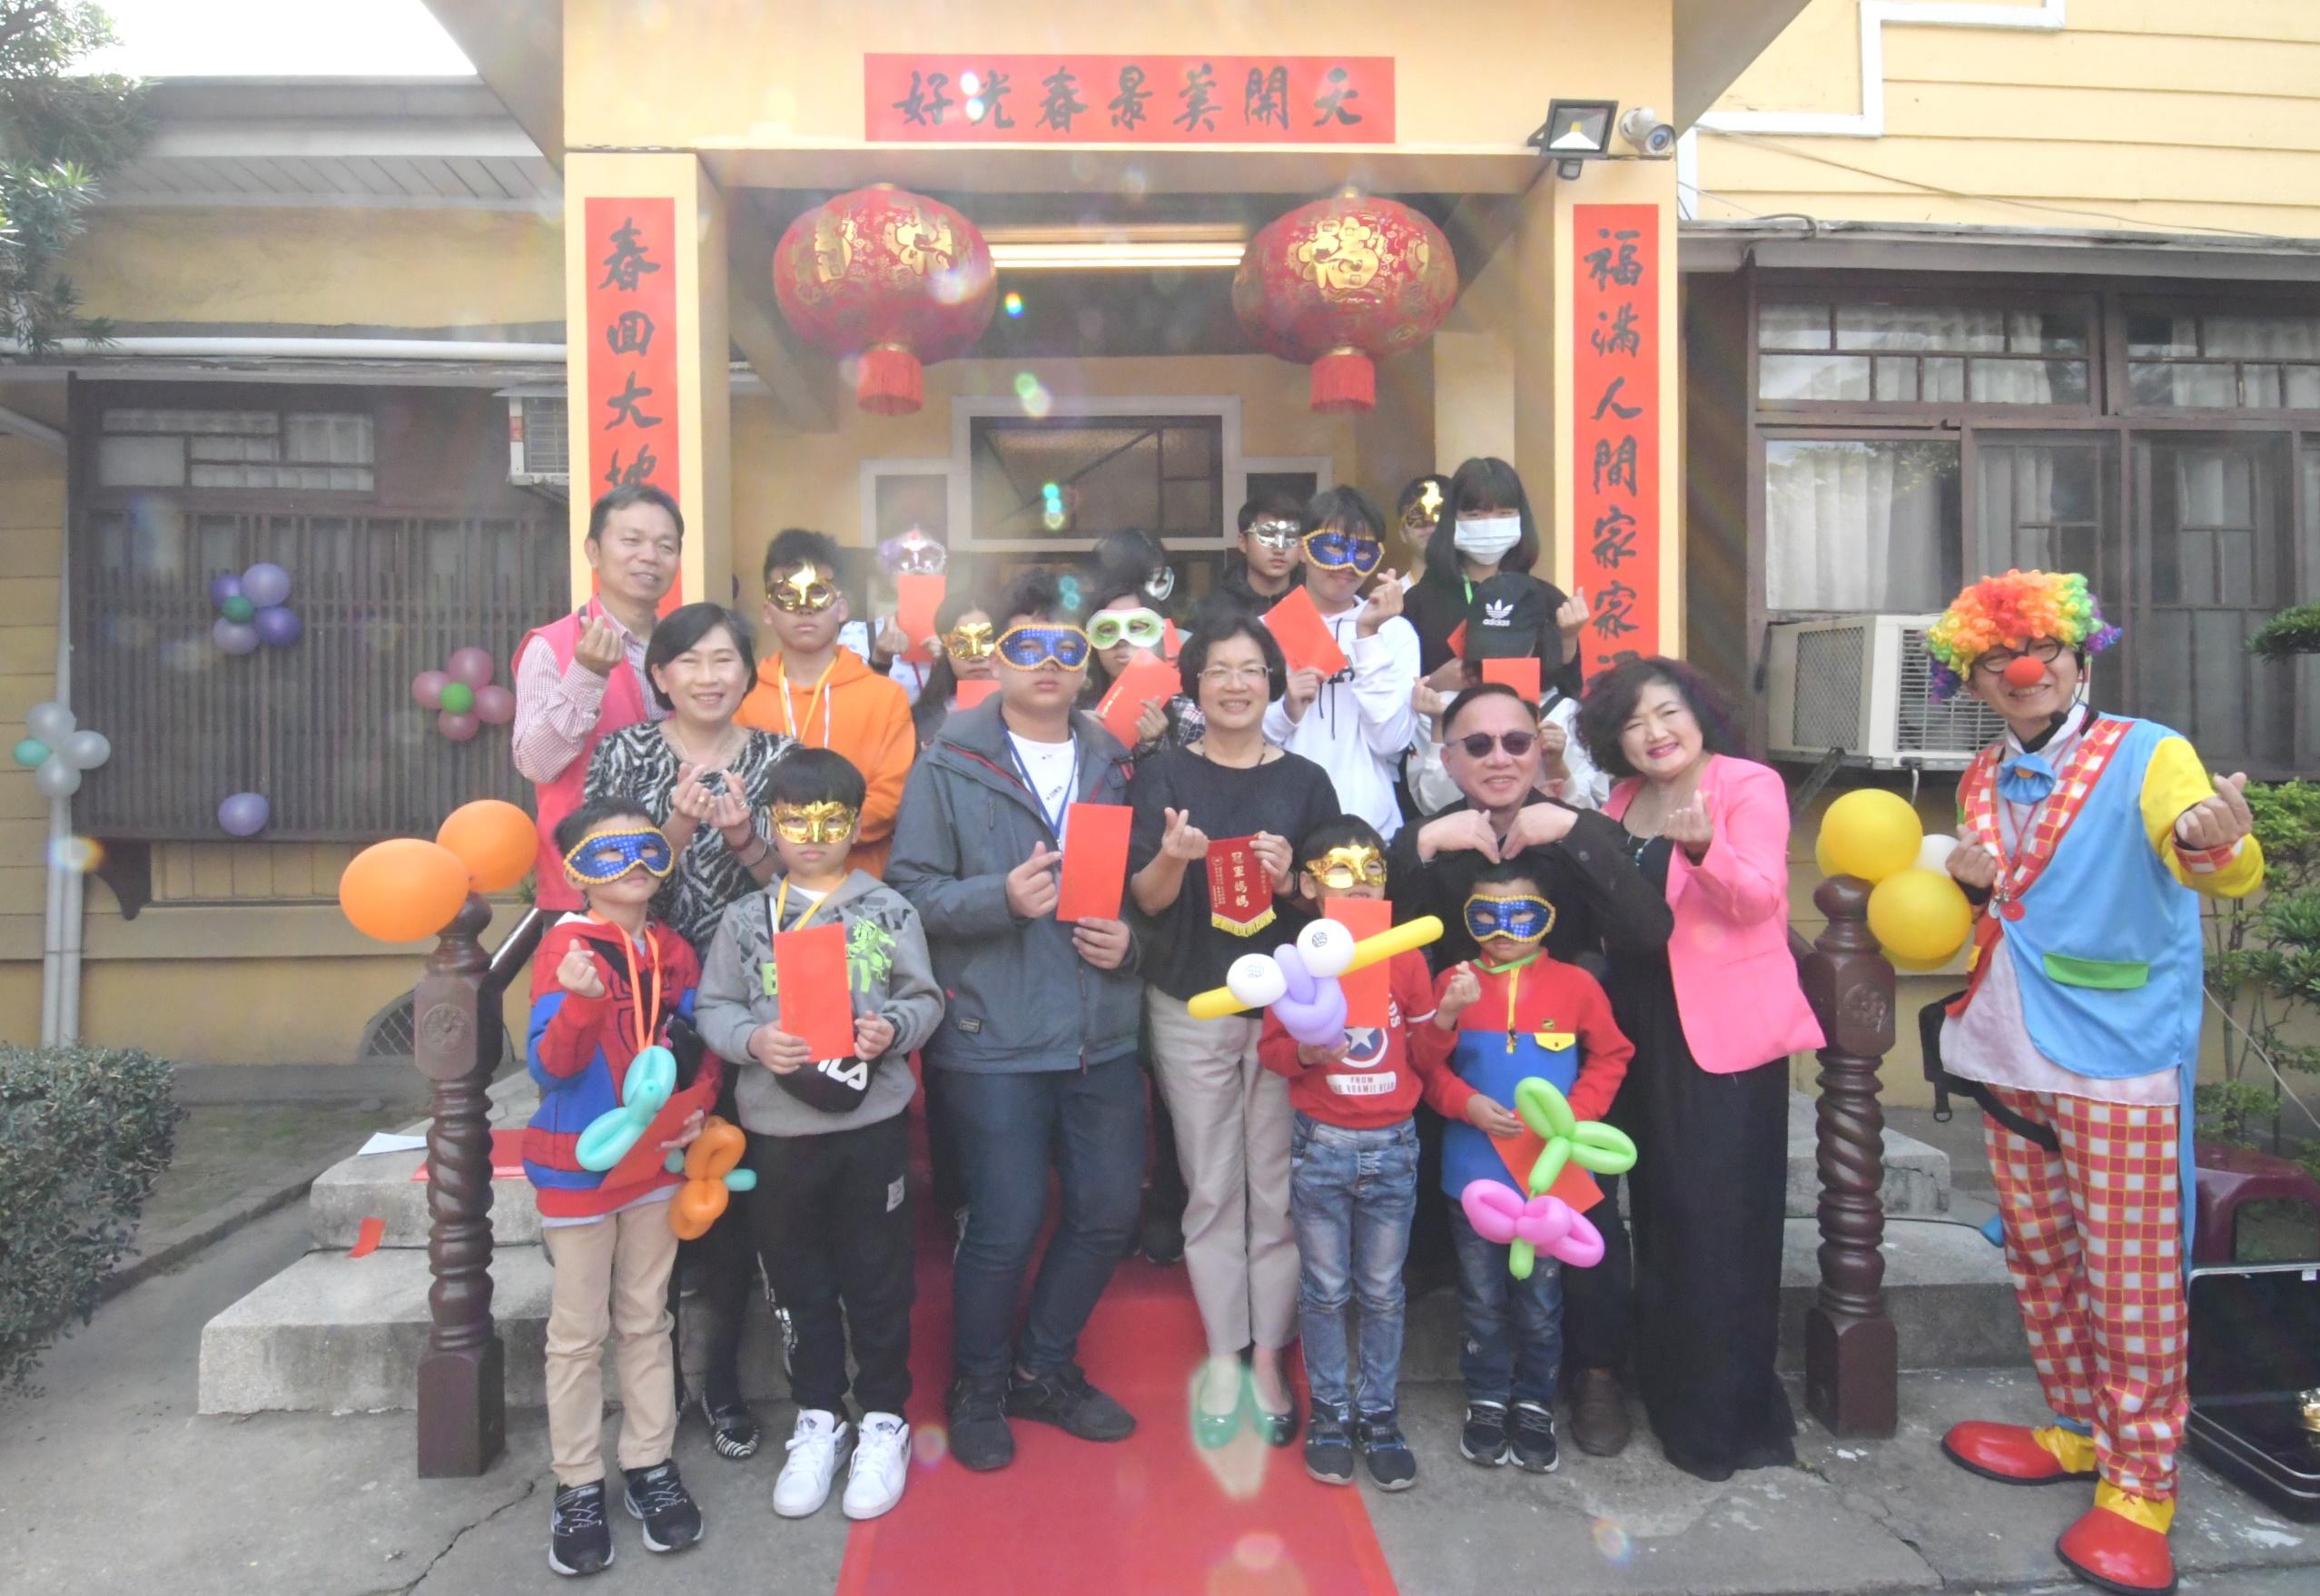 彰化縣政府109年度 親親寶貝幸福饗宴 與縣長媽媽有約